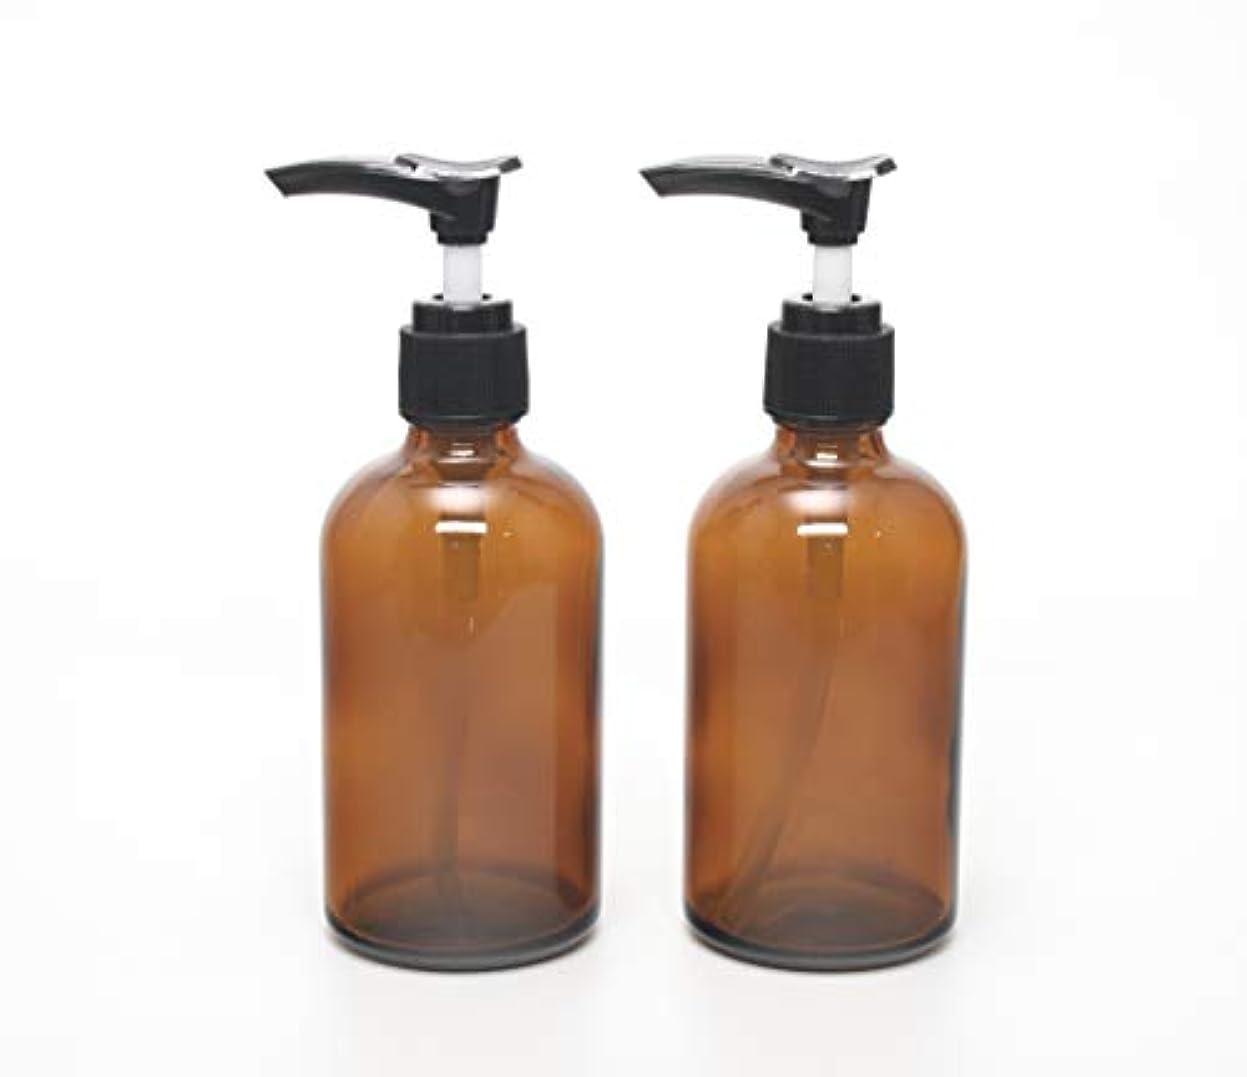 汗真実ジョットディボンドン遮光瓶 ポンプボトル (硝子) 100ml / アンバー ? ブラックポンプヘッド (2本セット)